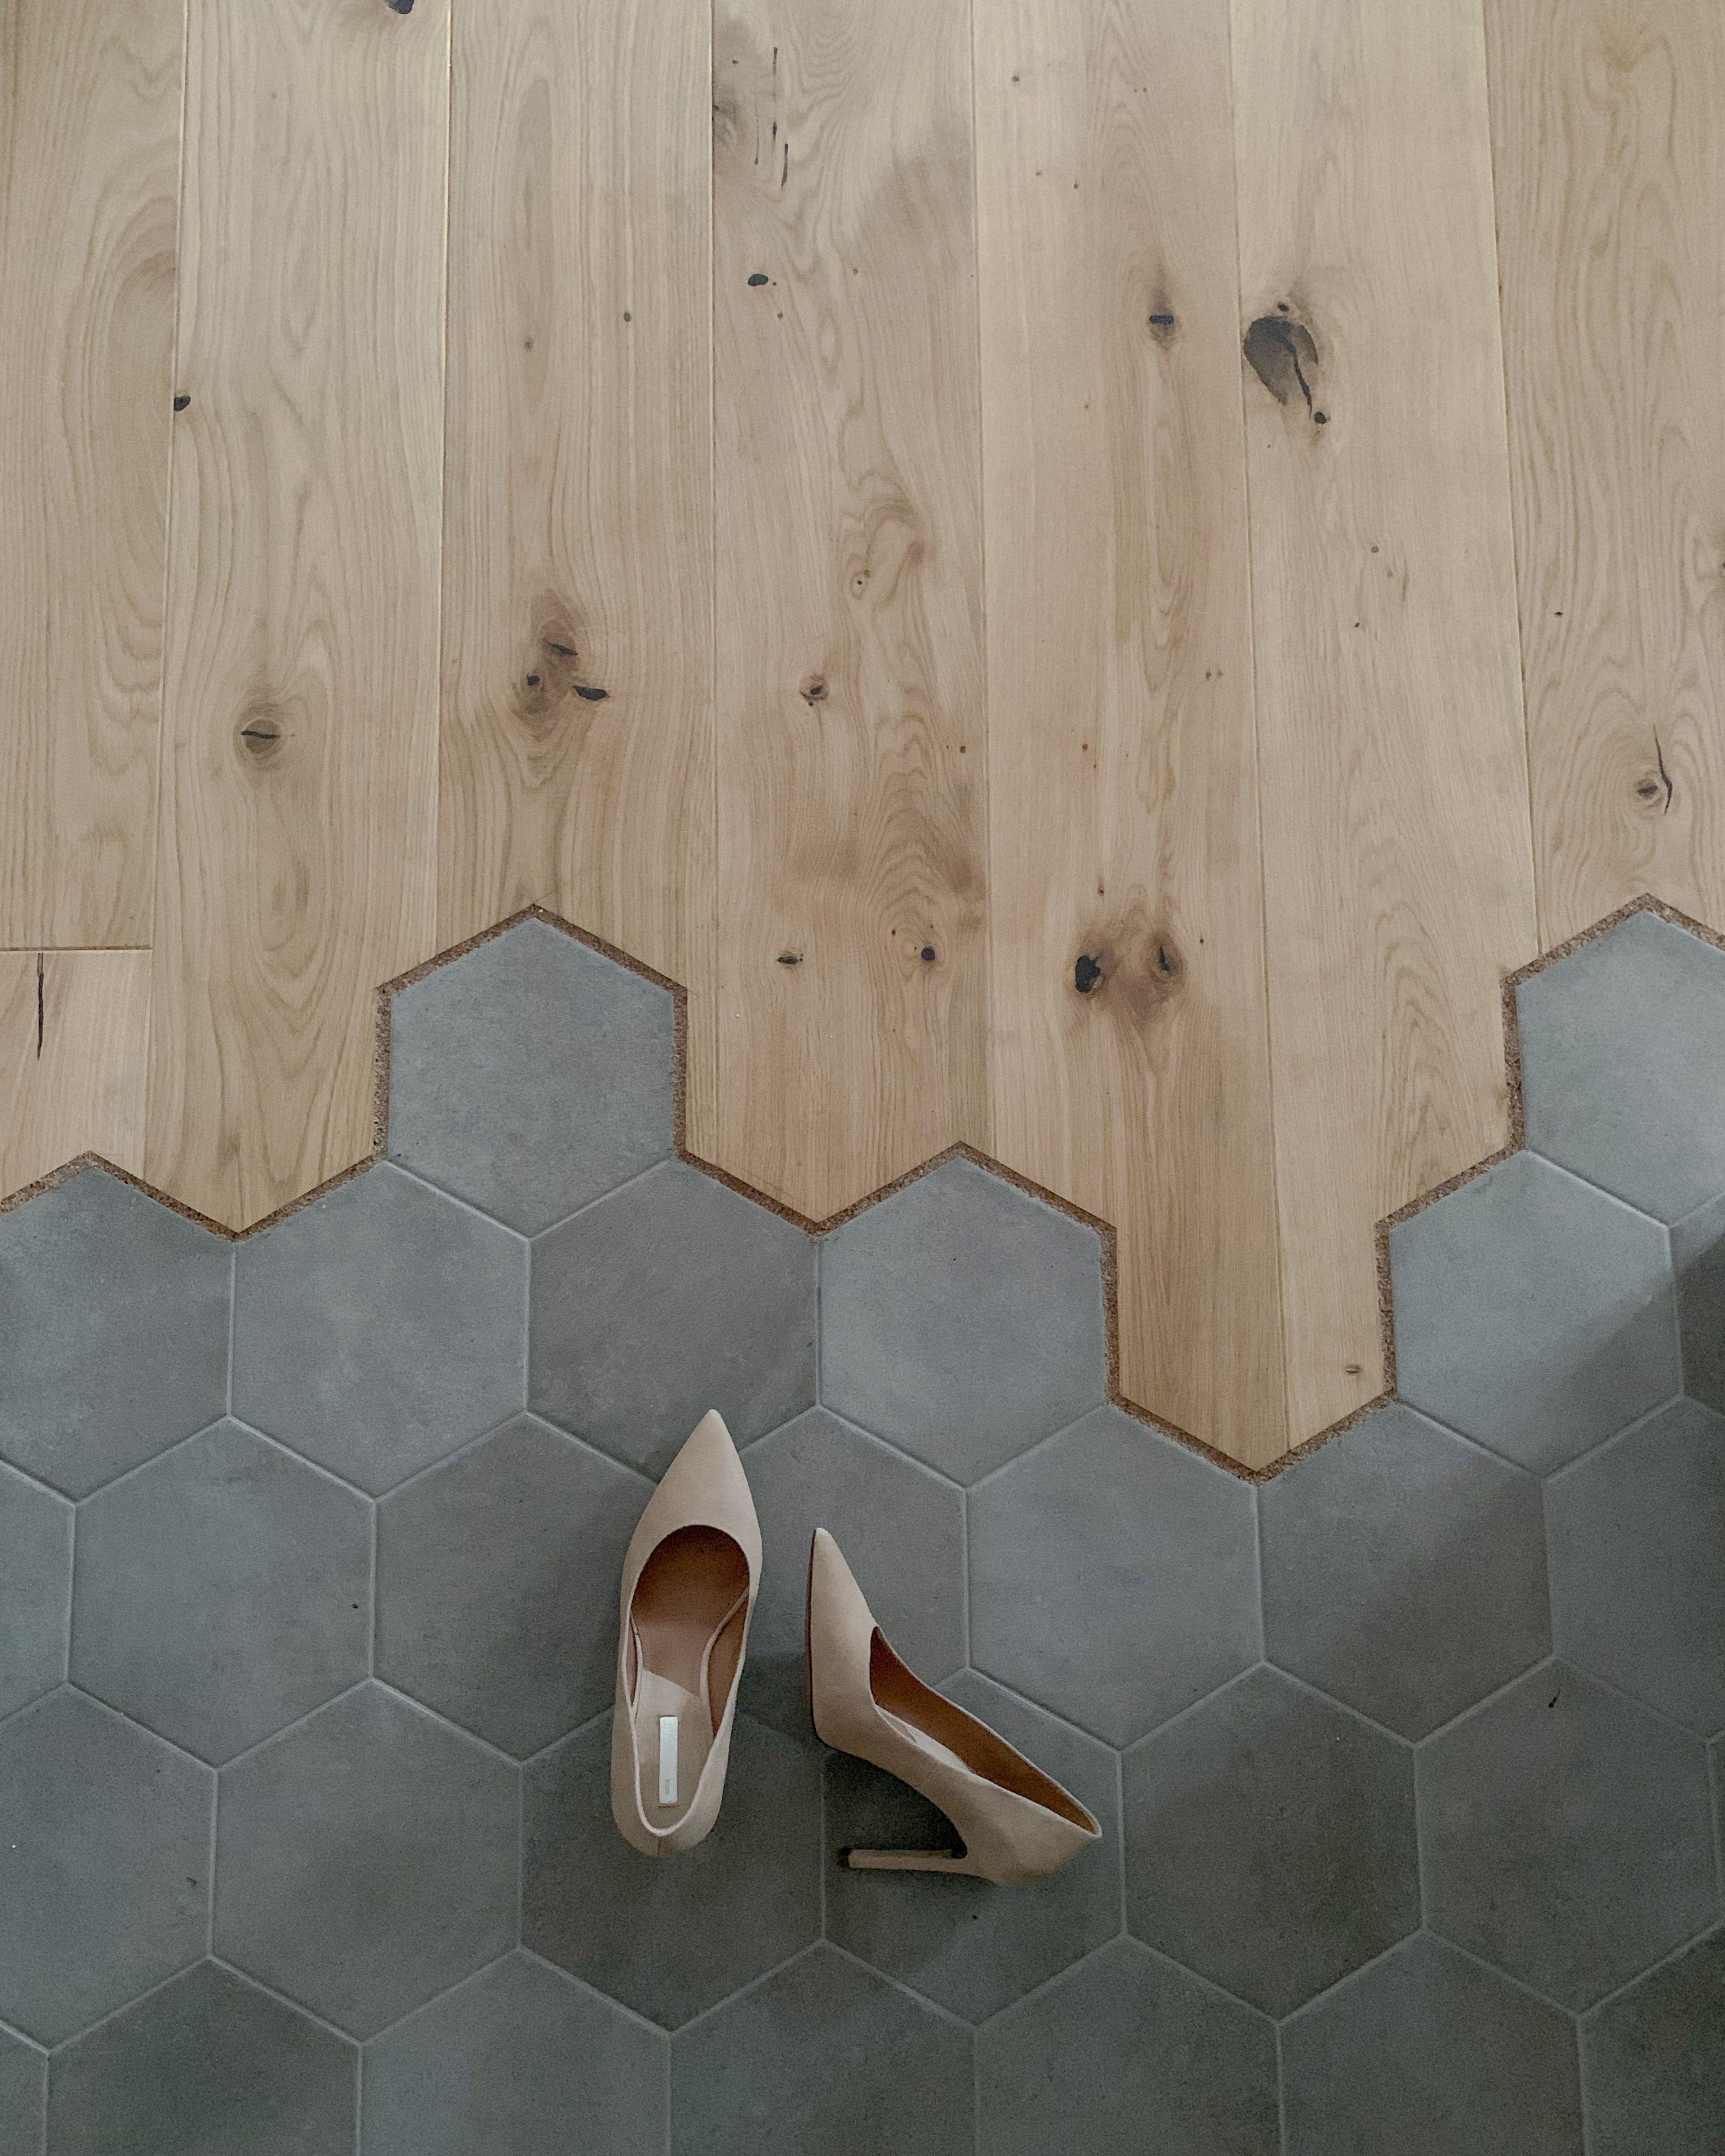 Bodengestaltung Parkett Fliesen Ideen In 2020 Hexagon Fliesen Bodengestaltung Fliesen